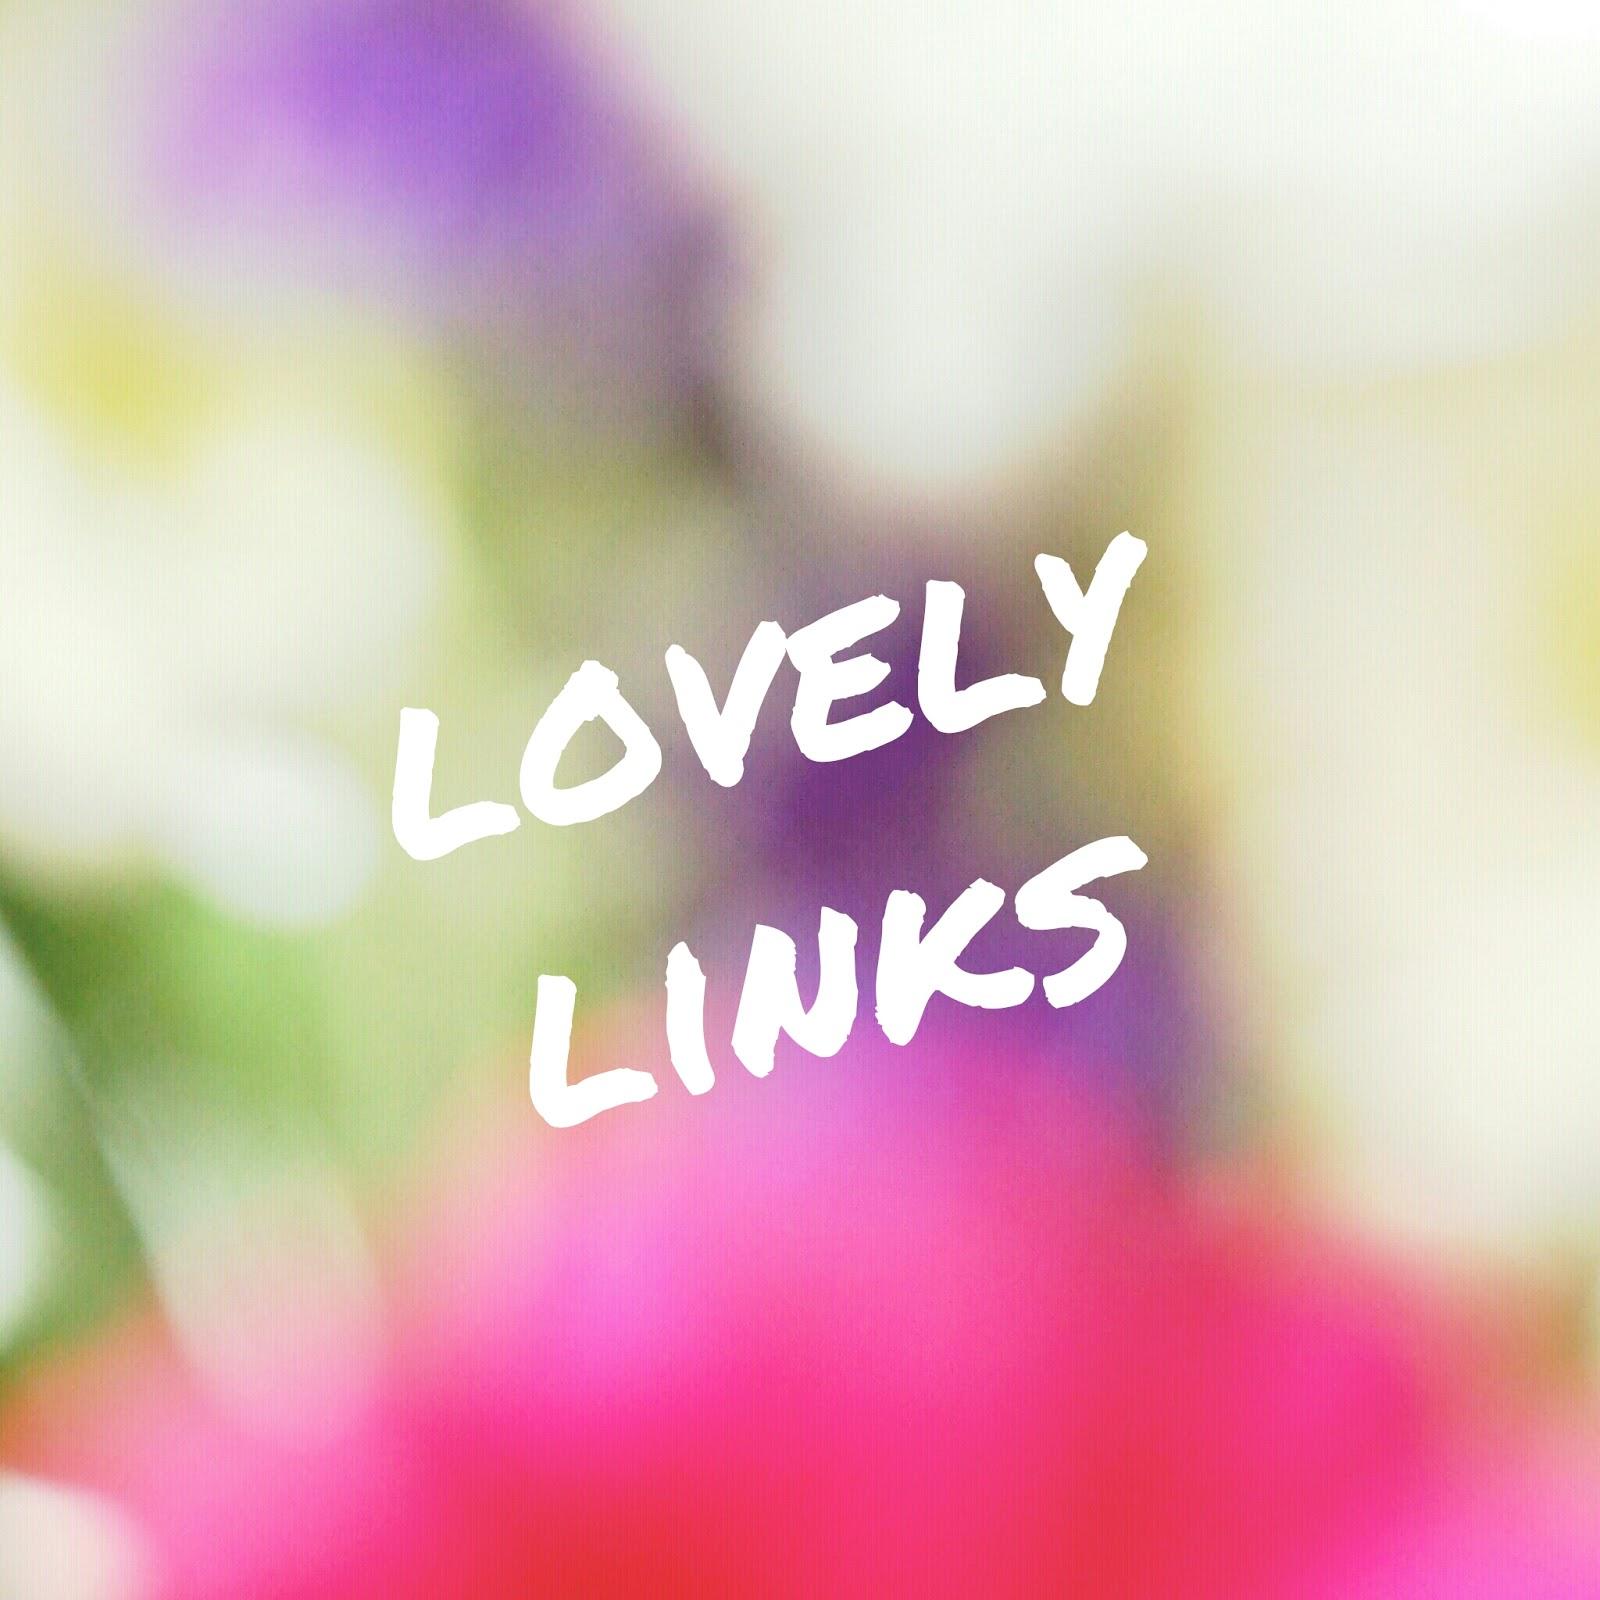 Lovely Links 03